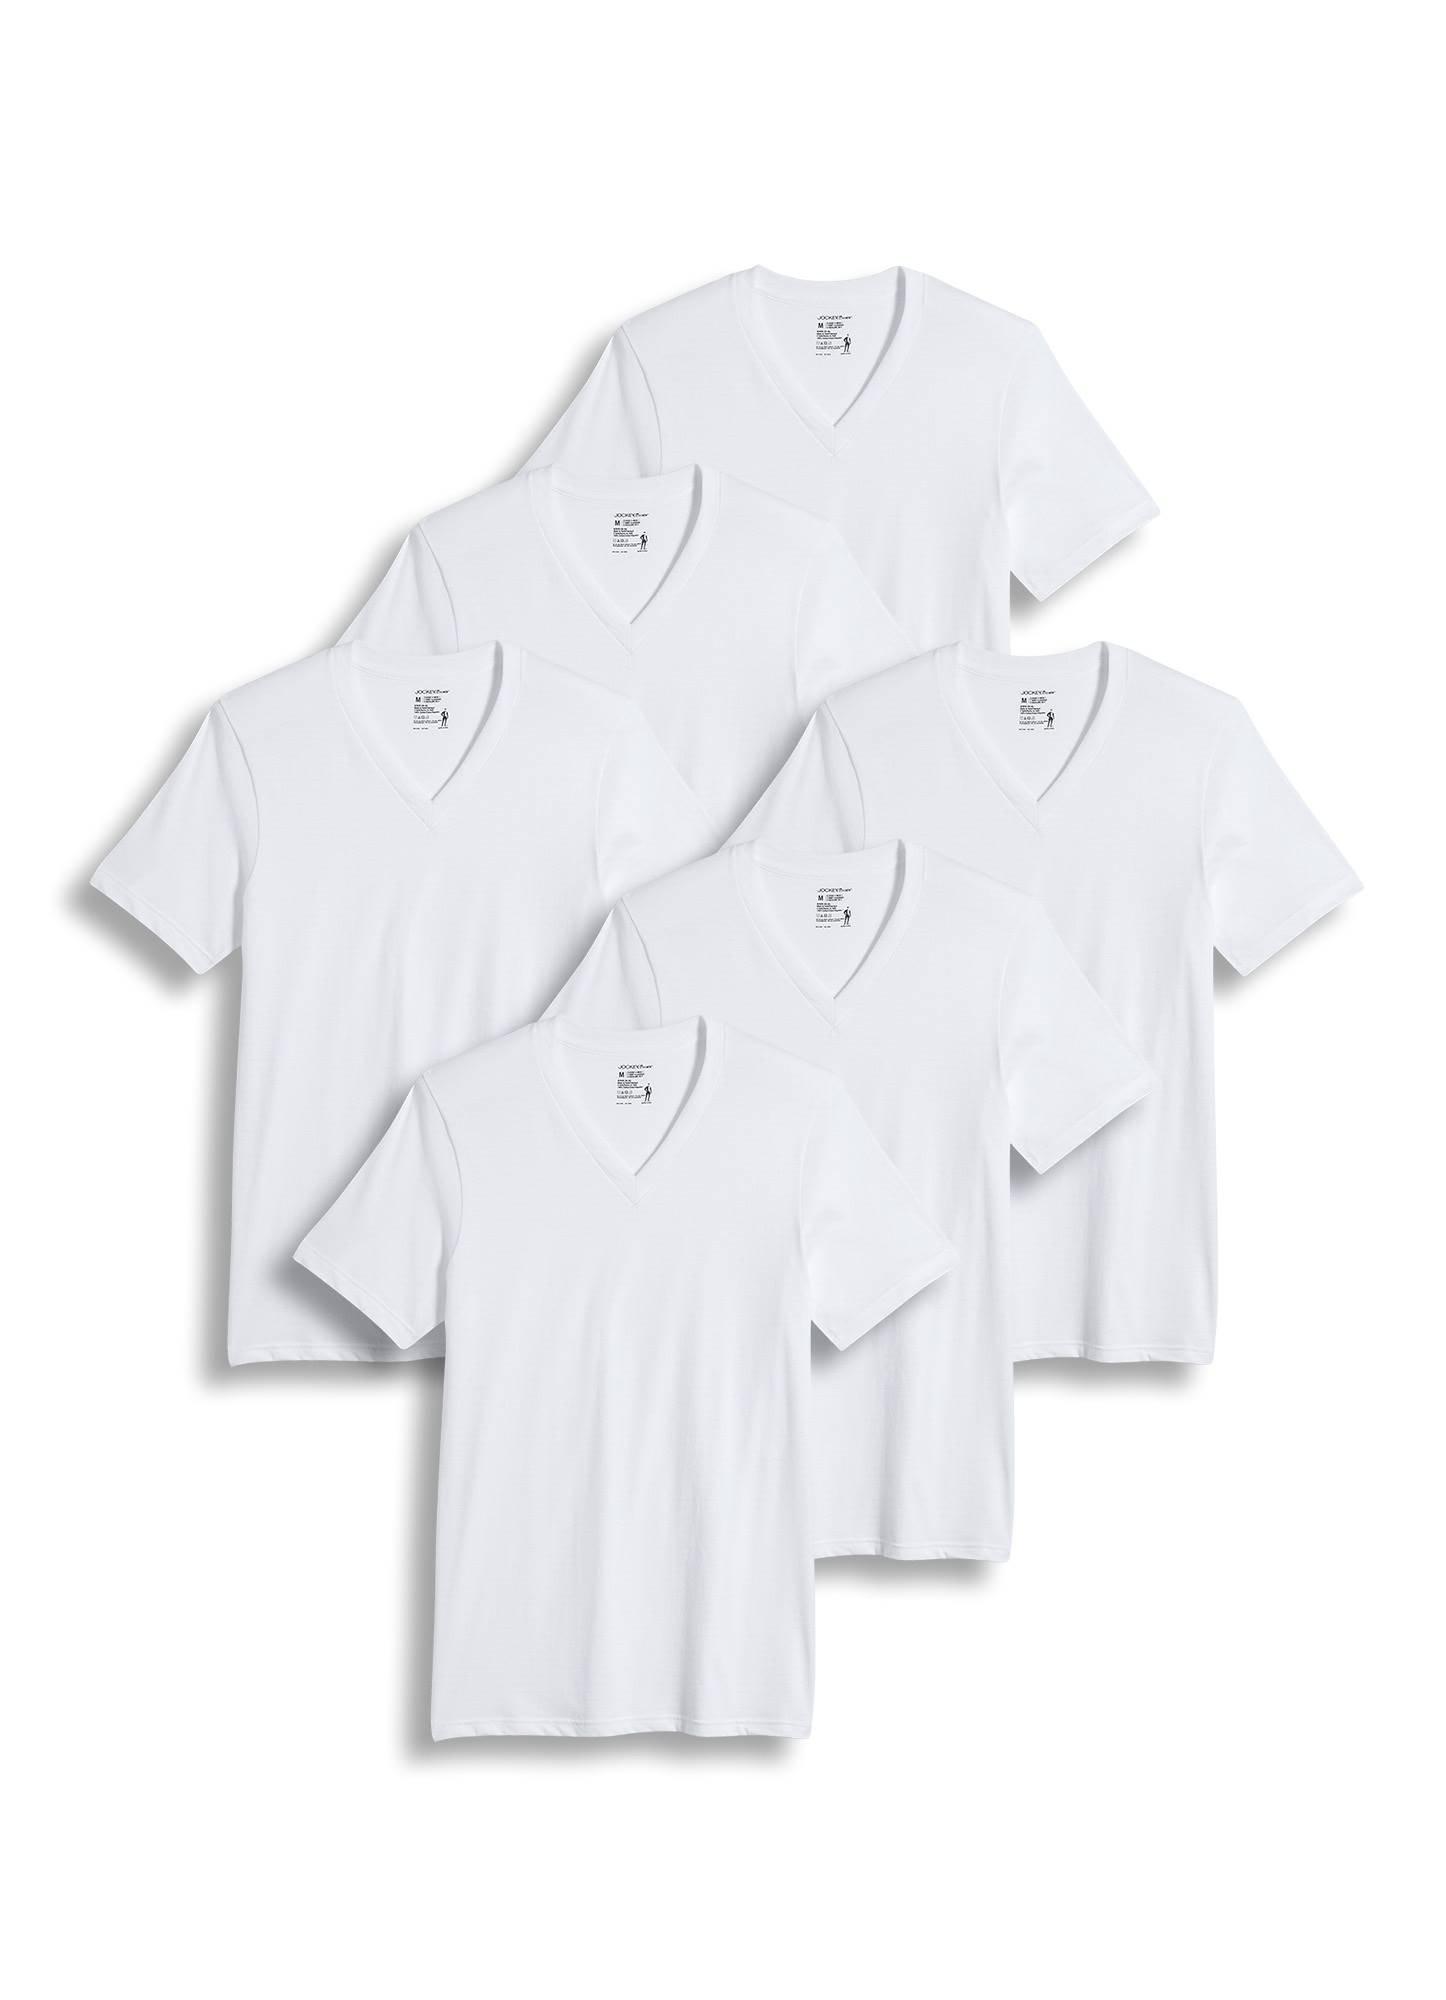 Jockey Men's T-Shirts Big & Tall Classic V-Neck T-Shirt - 6 Pack, Diamond White, 4XL by Jockey